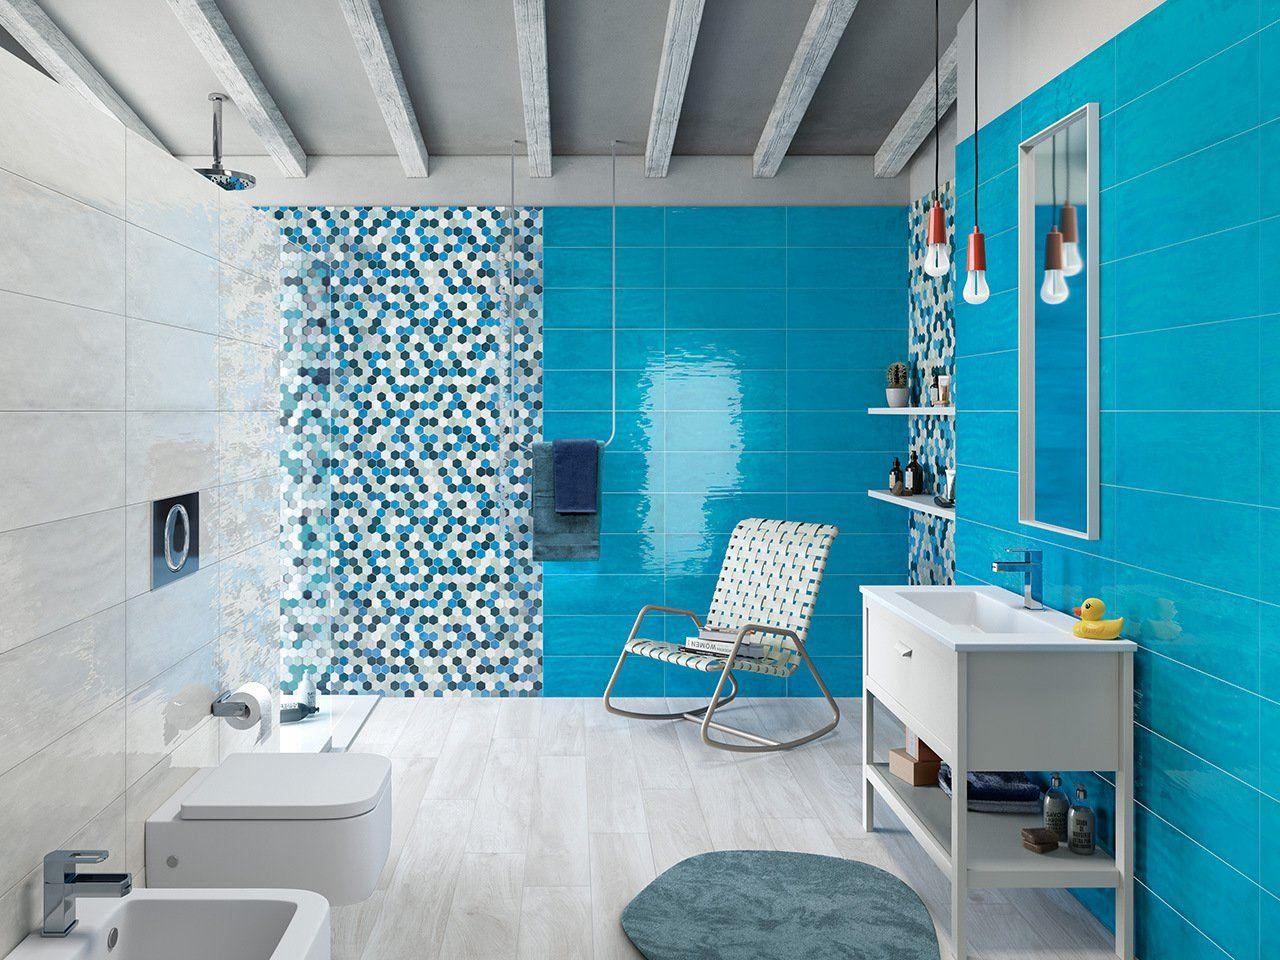 Rivestimento bagno e cucina intinta coloratissimo in bicottura